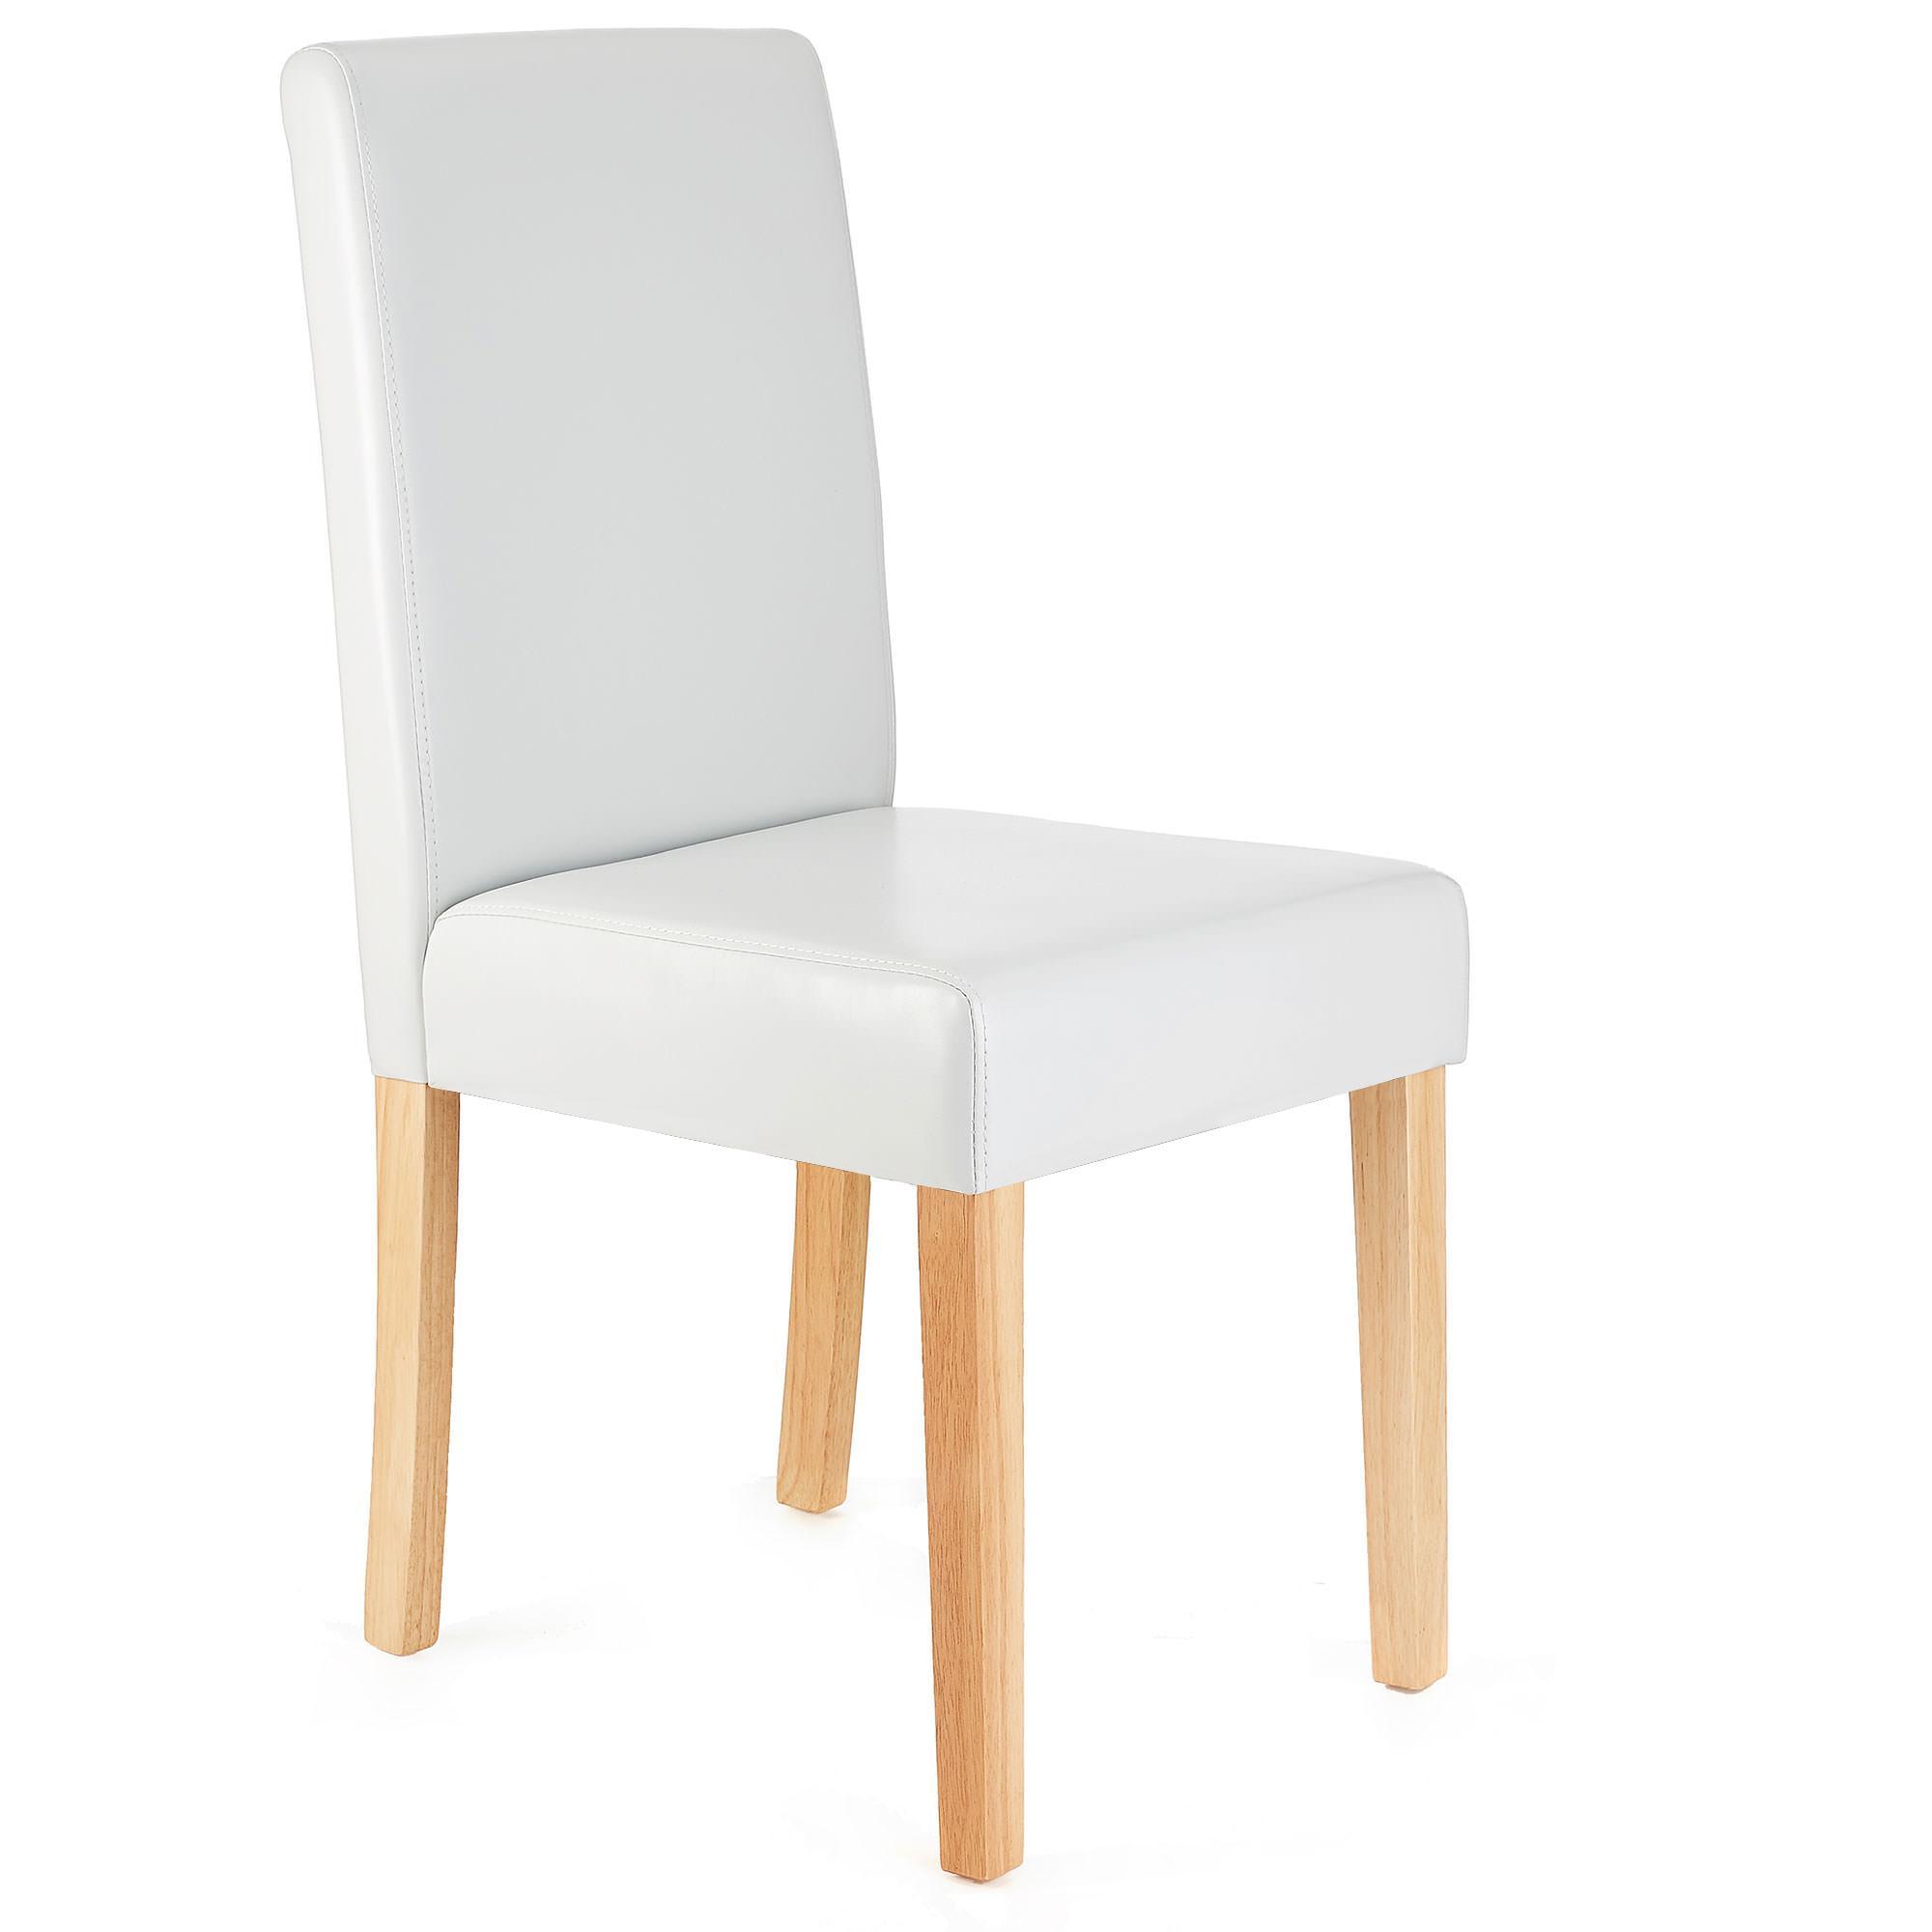 Conjunto 2 sillas comedor en blanco y madera lote 2 for Comedor 2 colores